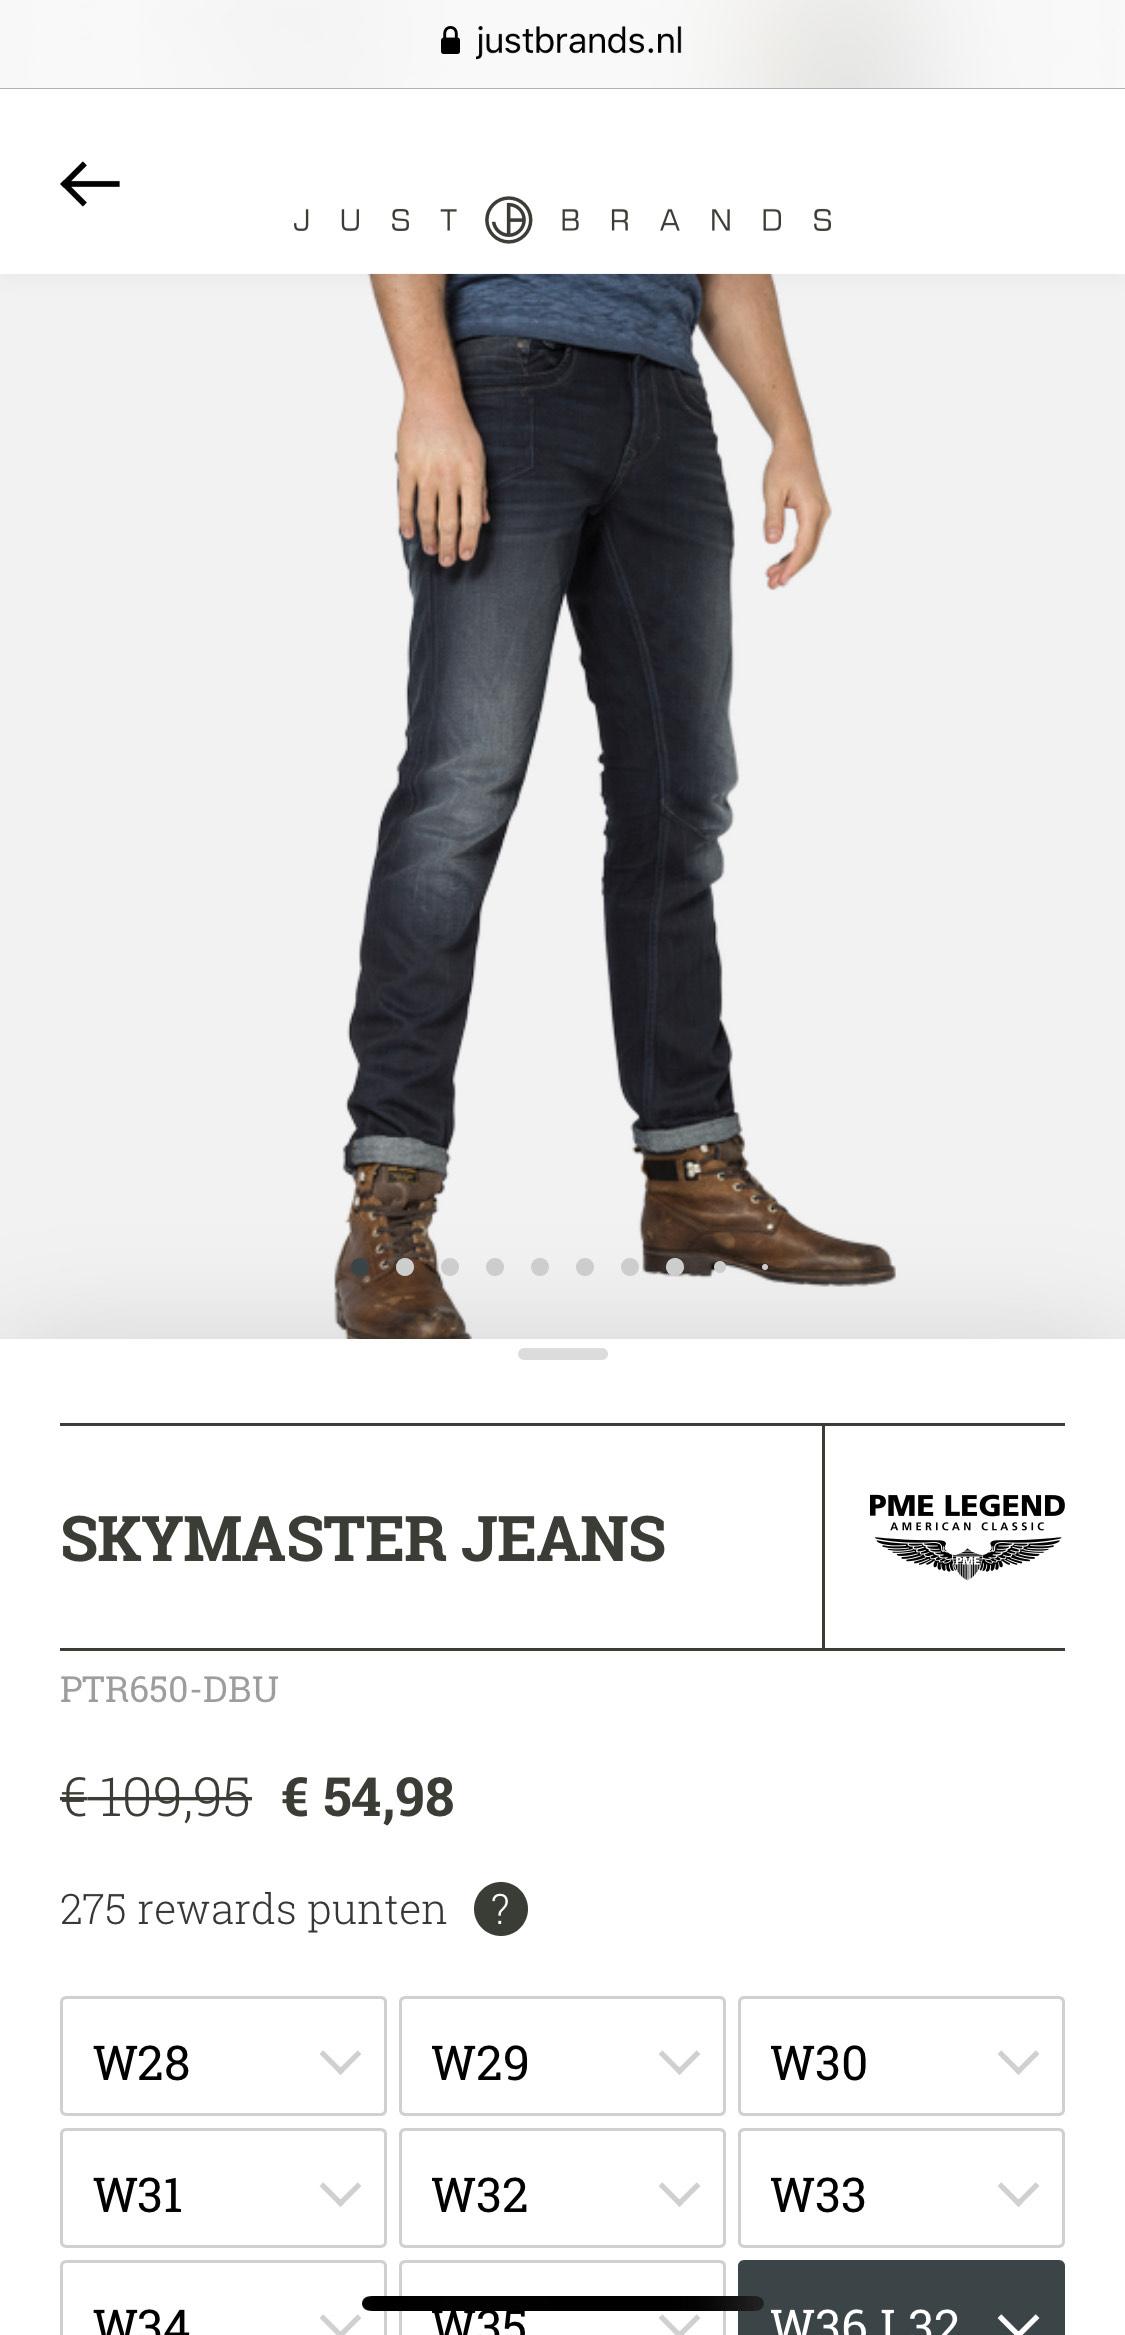 lage prijs stopcontact sportschoenen Verschillende PME jeans met 50% korting - Pepper.com